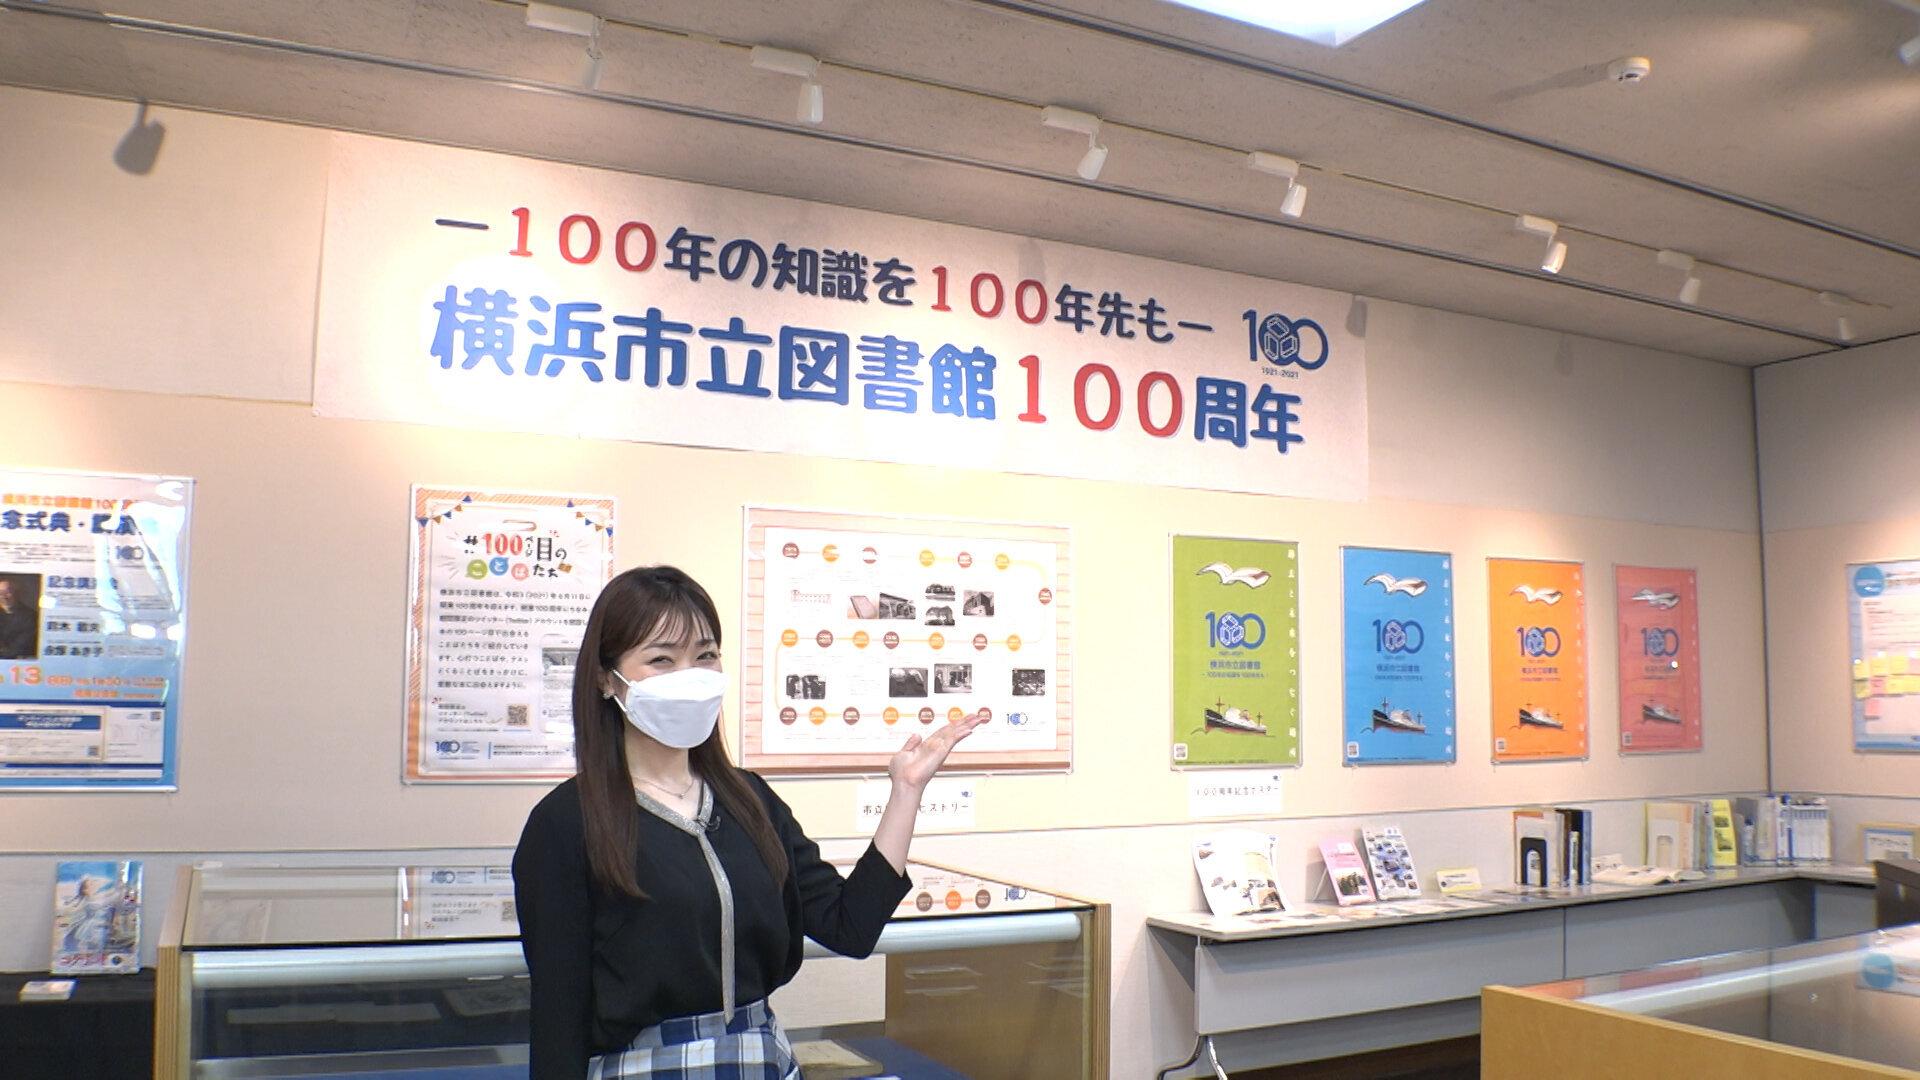 421_ロケ画像_001.jpg